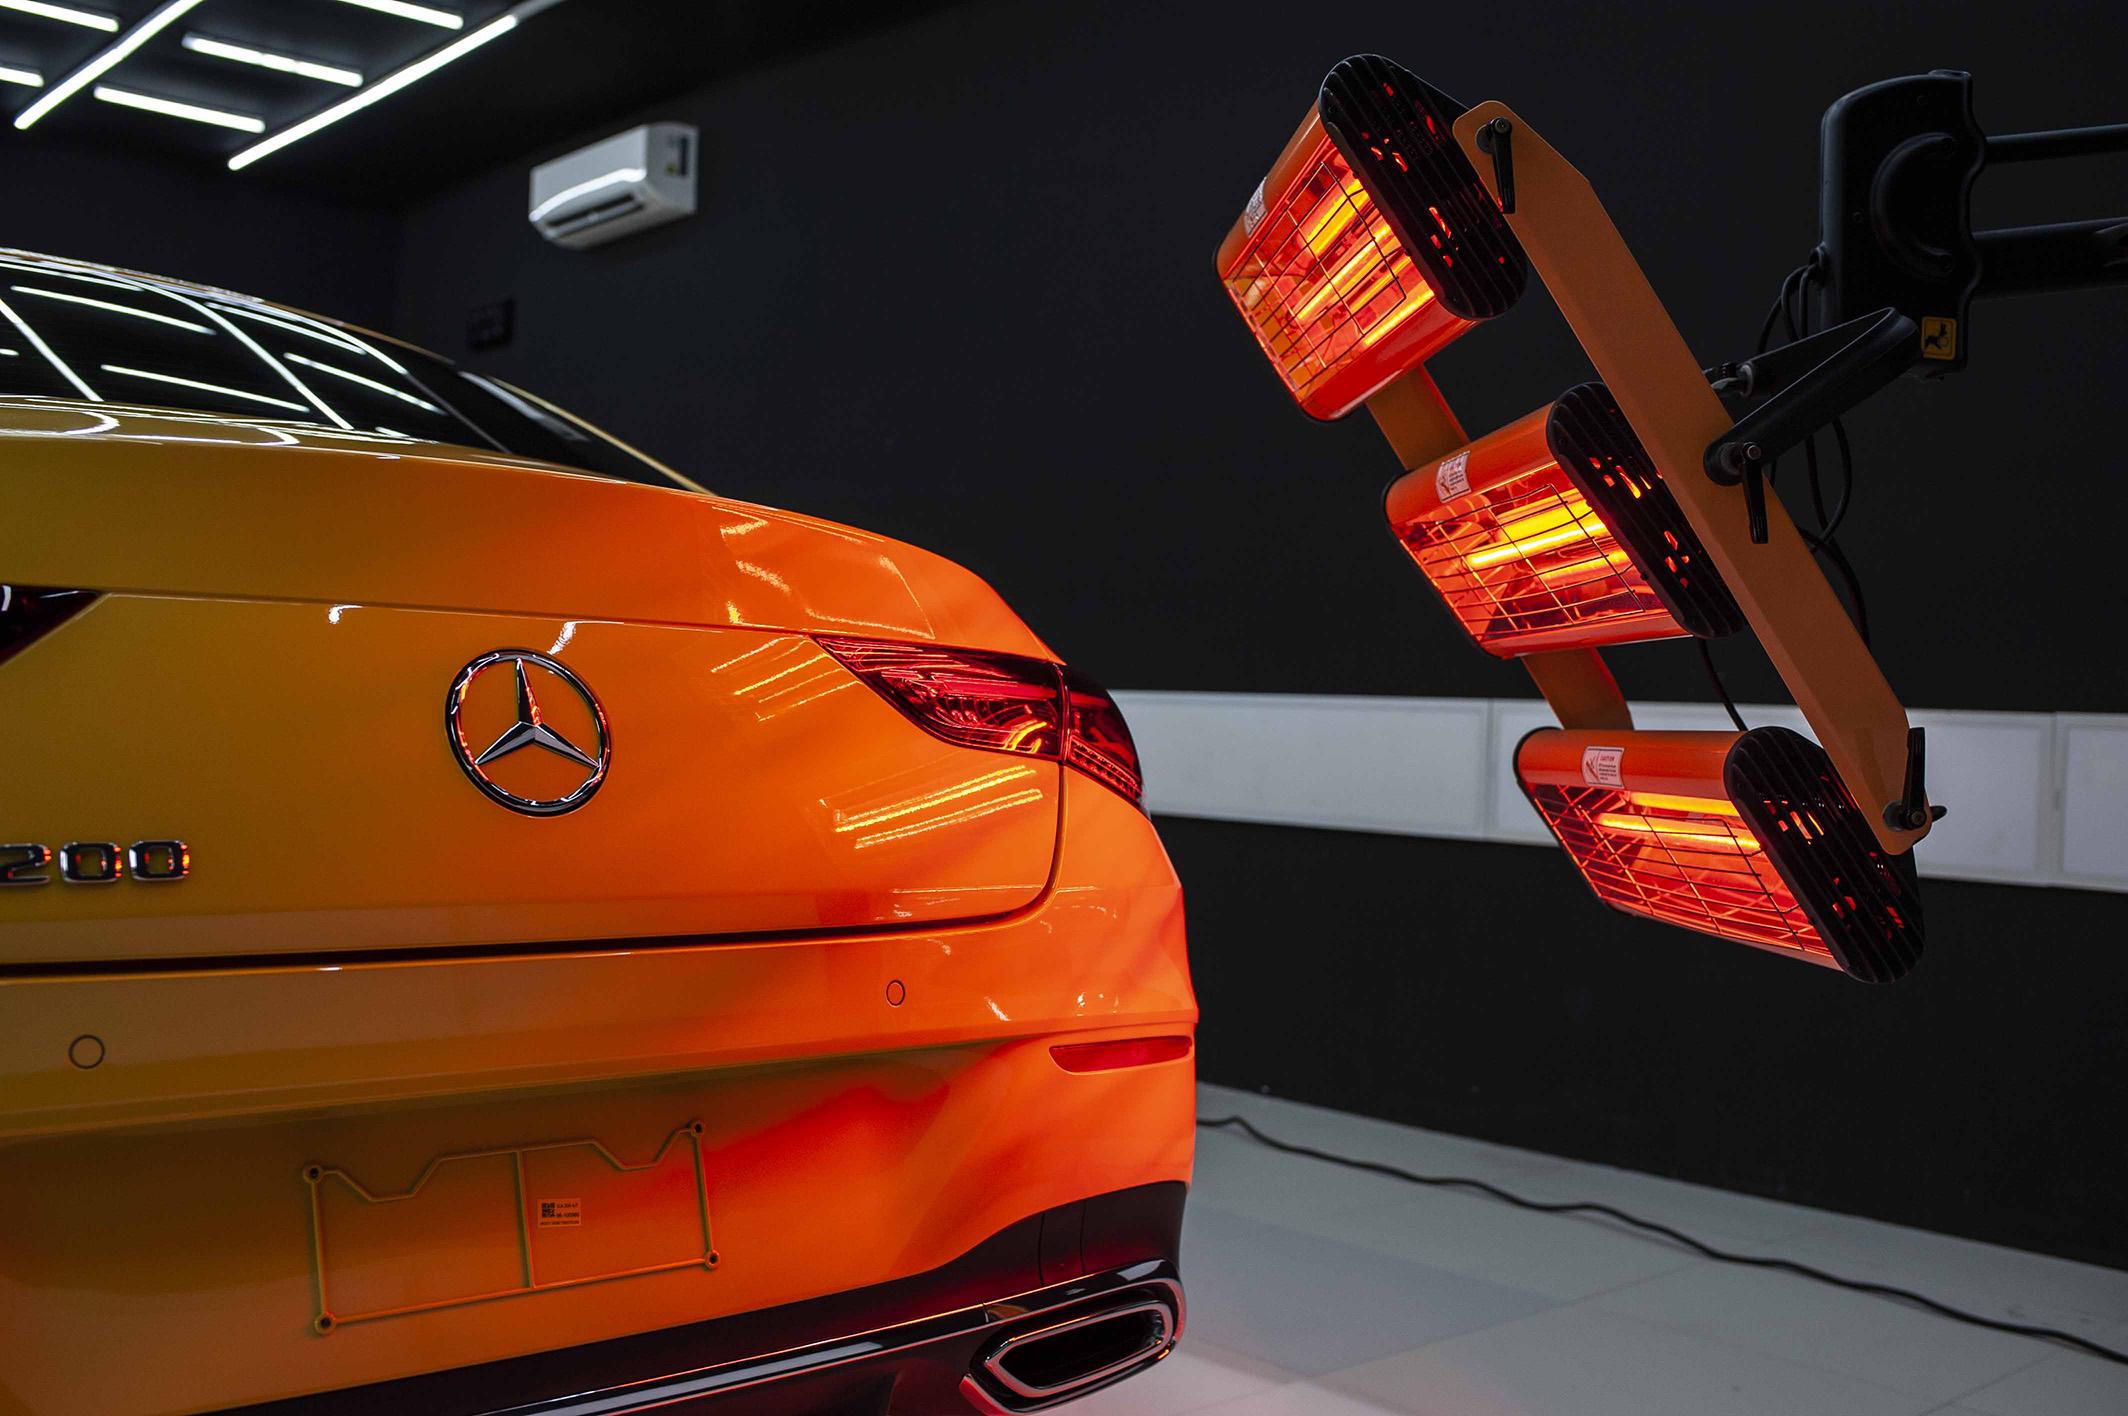 Mercedes Benz CLA 200 Cquartz Finest Reserve